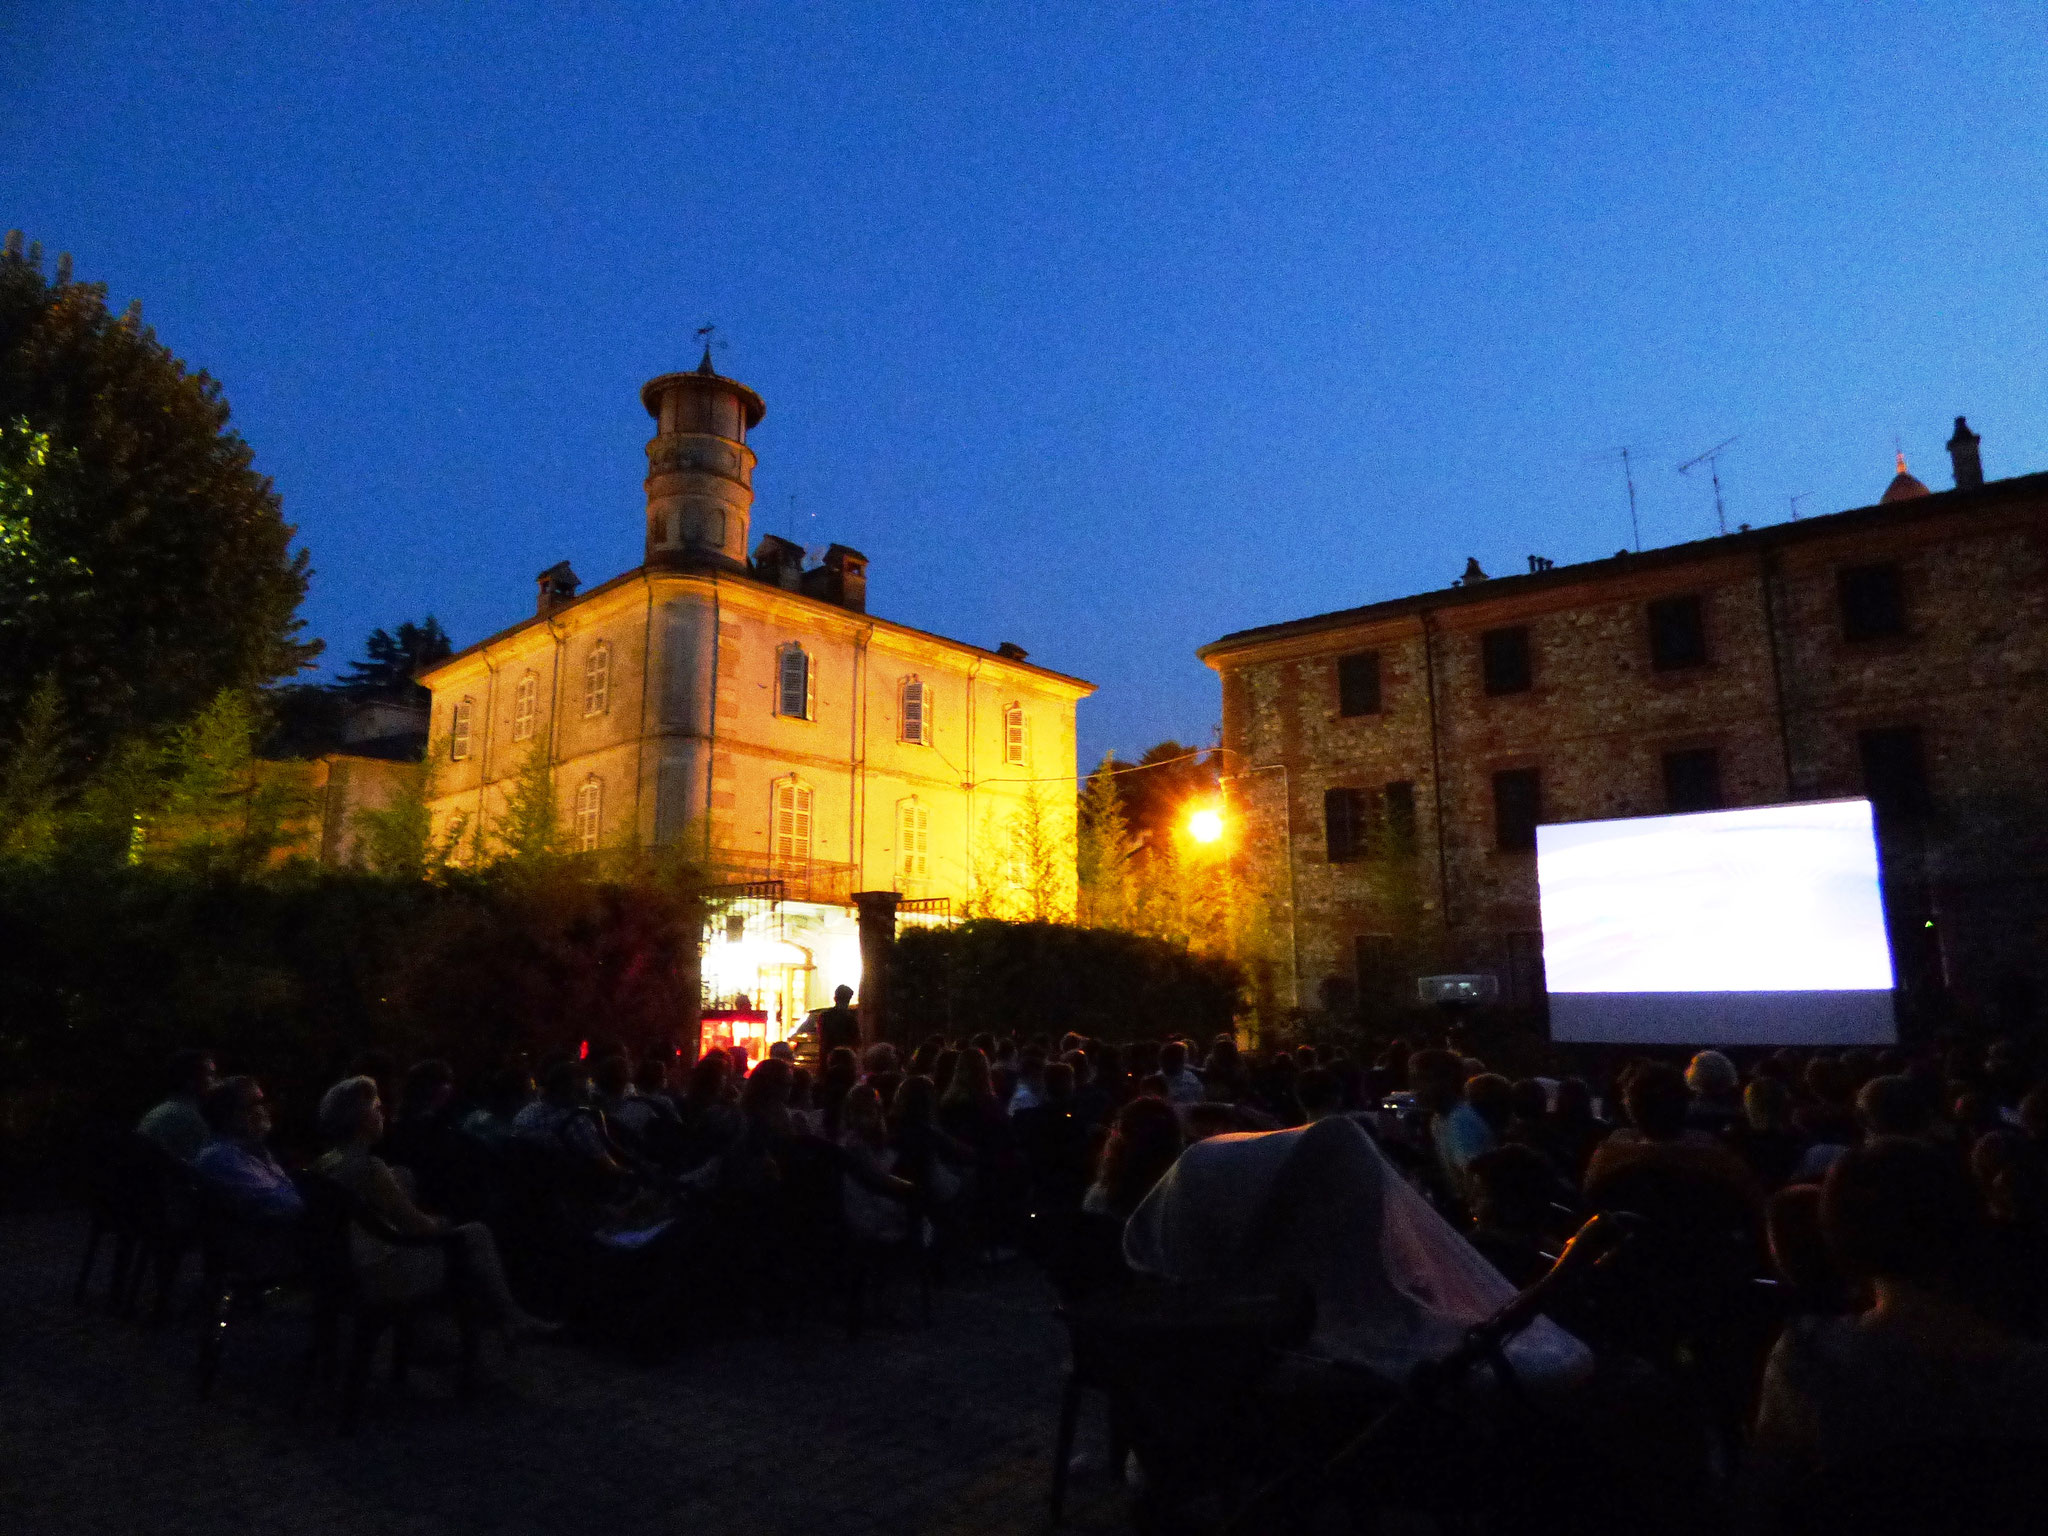 Cinema sotto le stelle a Rivergaro 21 luglio 2016